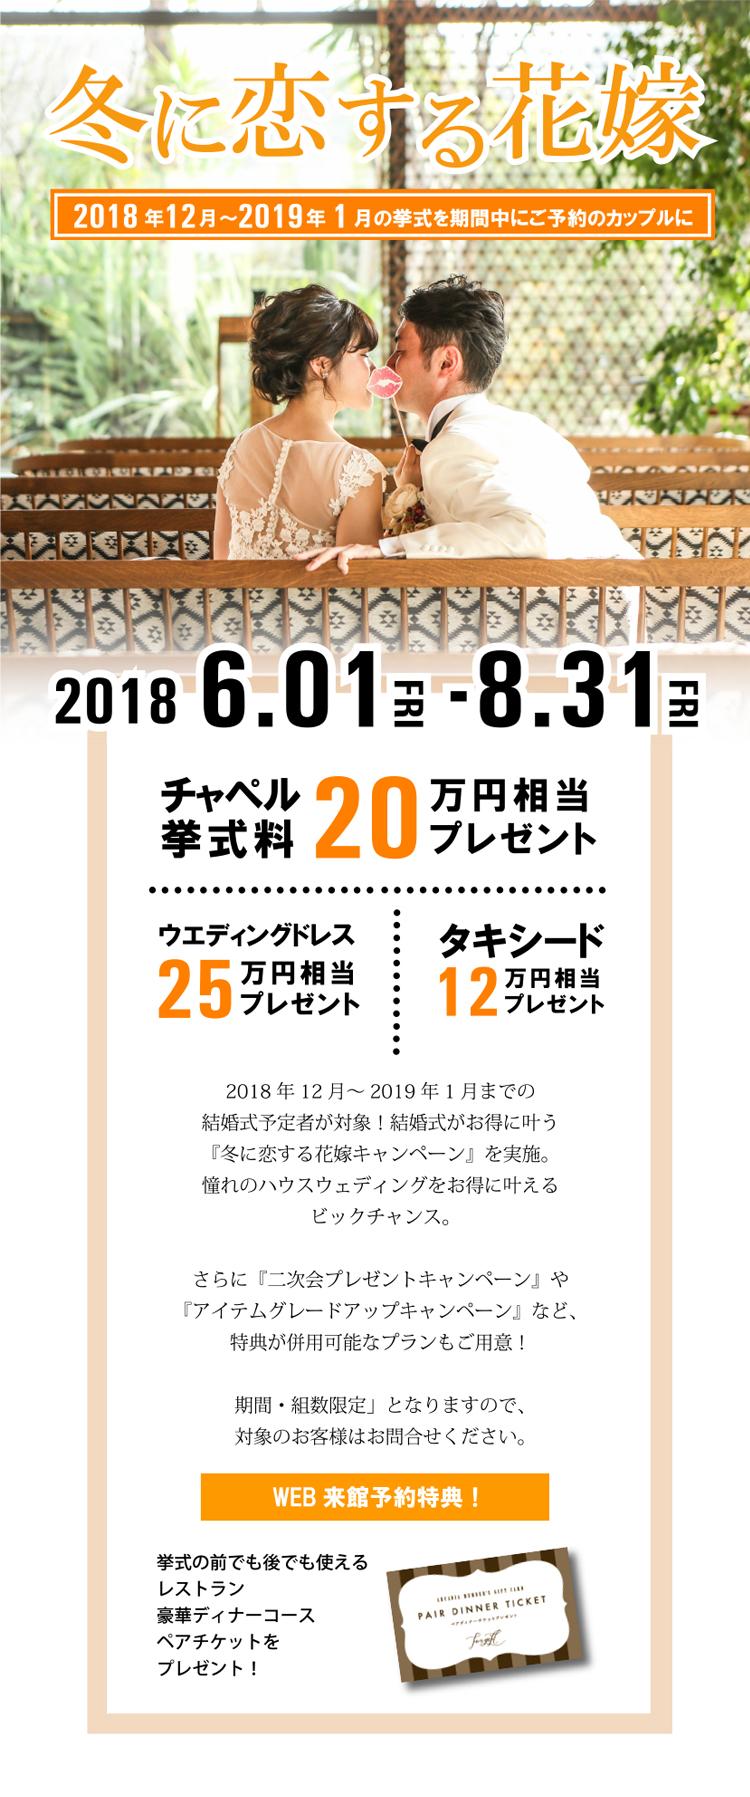 ウインターキャンペーン 福岡 天神の結婚式場 ウェディングなら